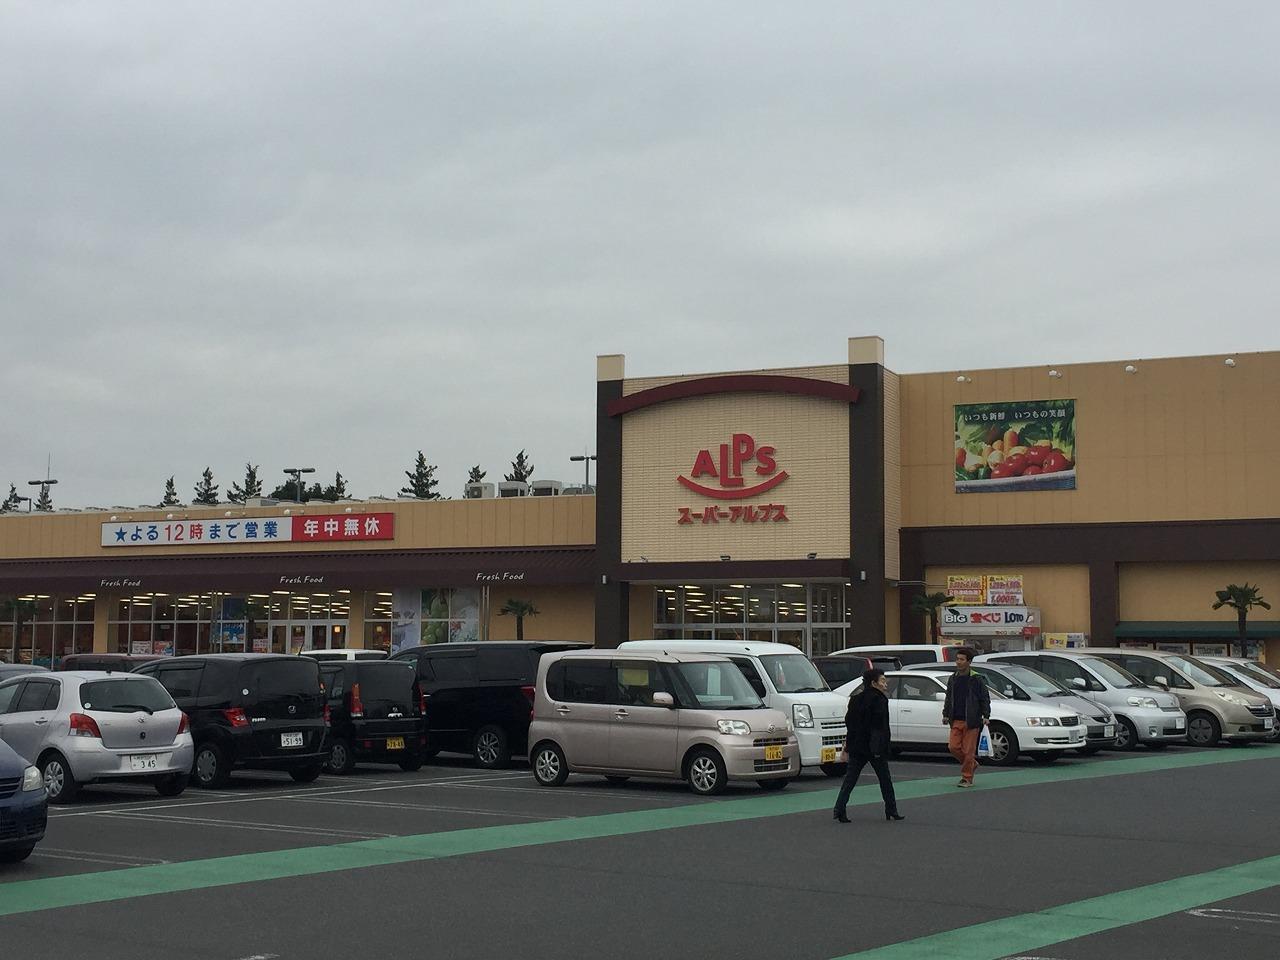 東口には大型ショッピングセンターも